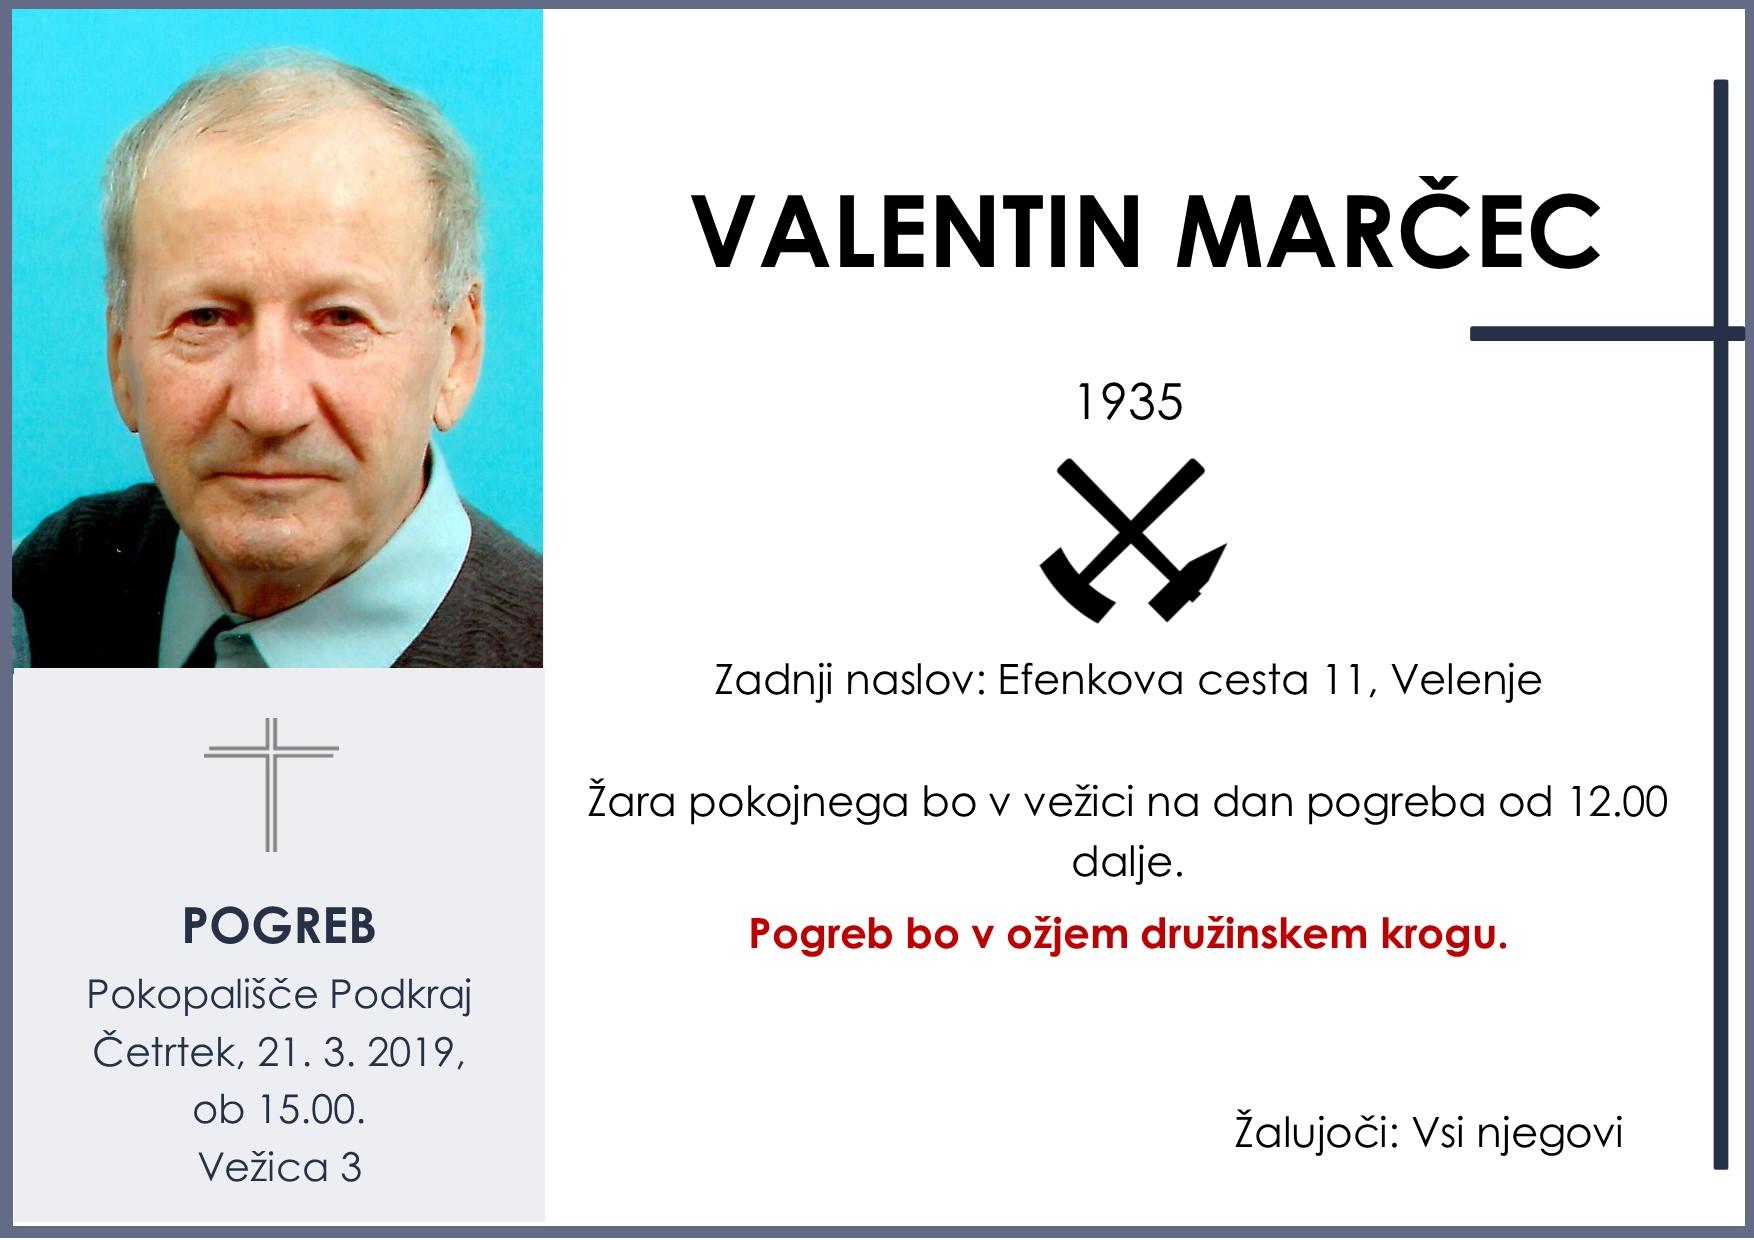 VALENTIN MARČEC, Podkraj, 21. 03. 2019